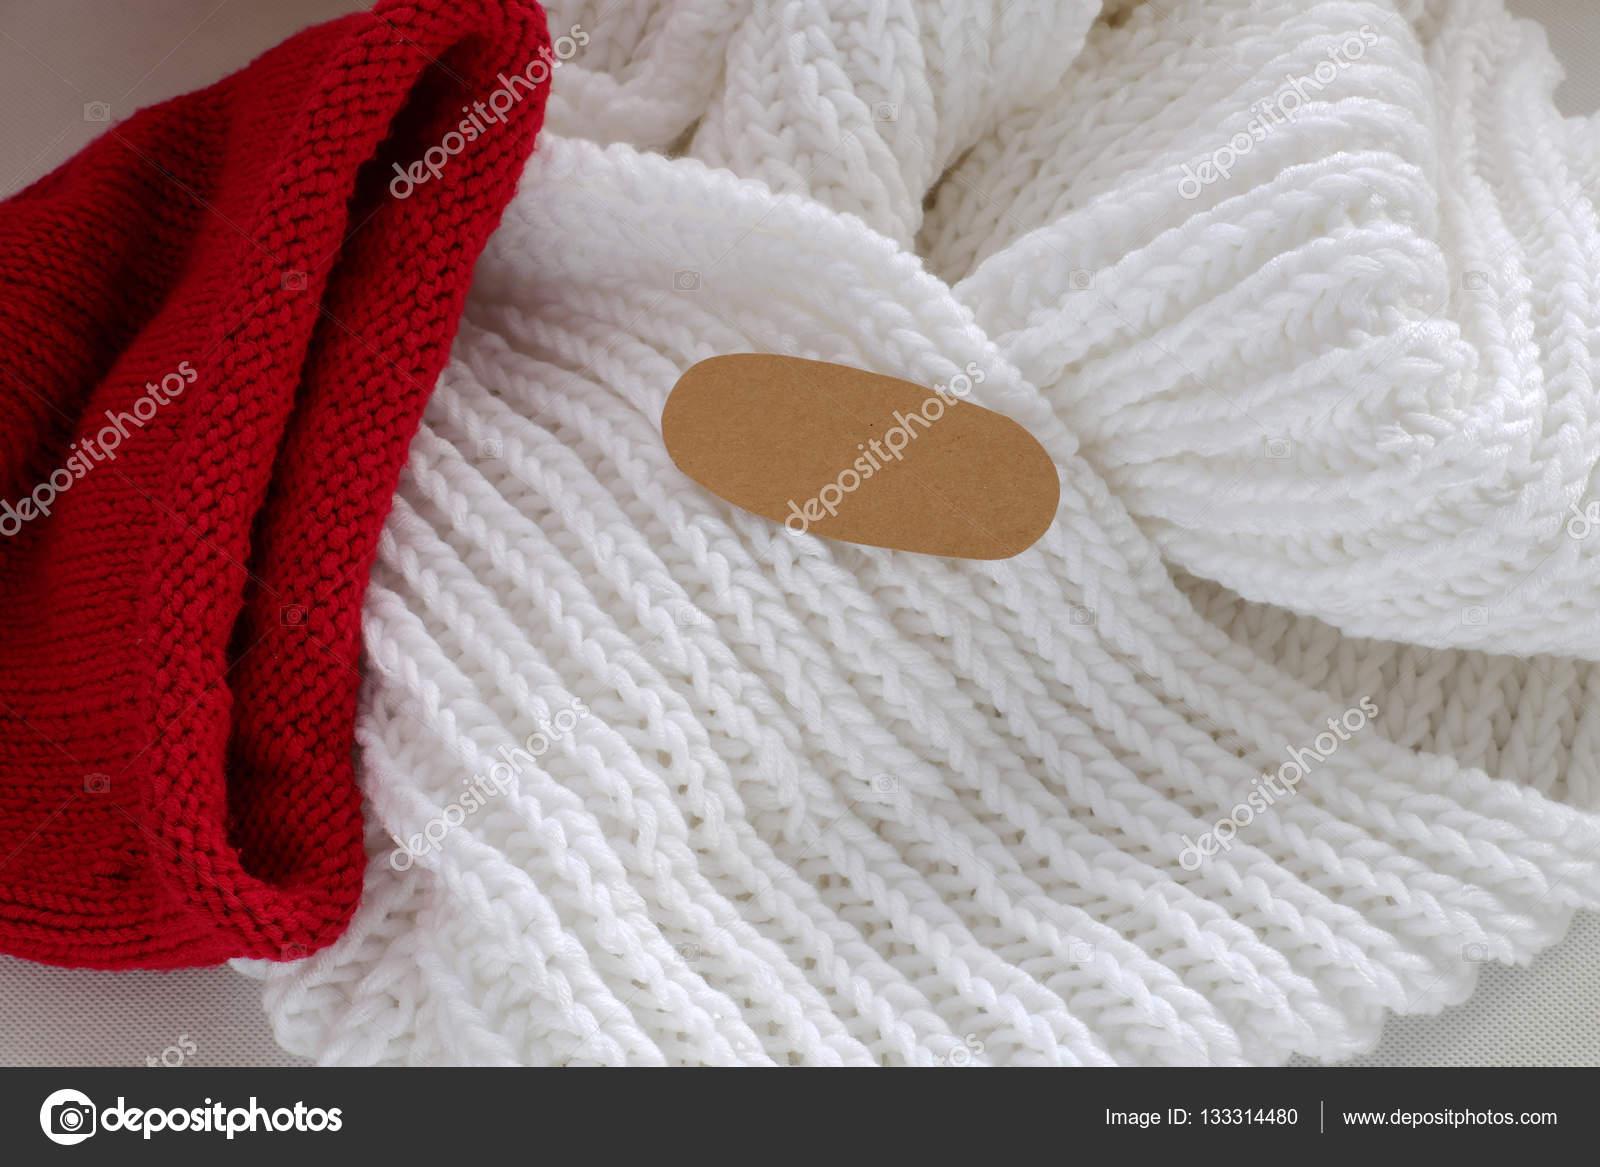 Bufanda blanca y roja   tejer bufanda blanca, sombrero rojo caliente ...